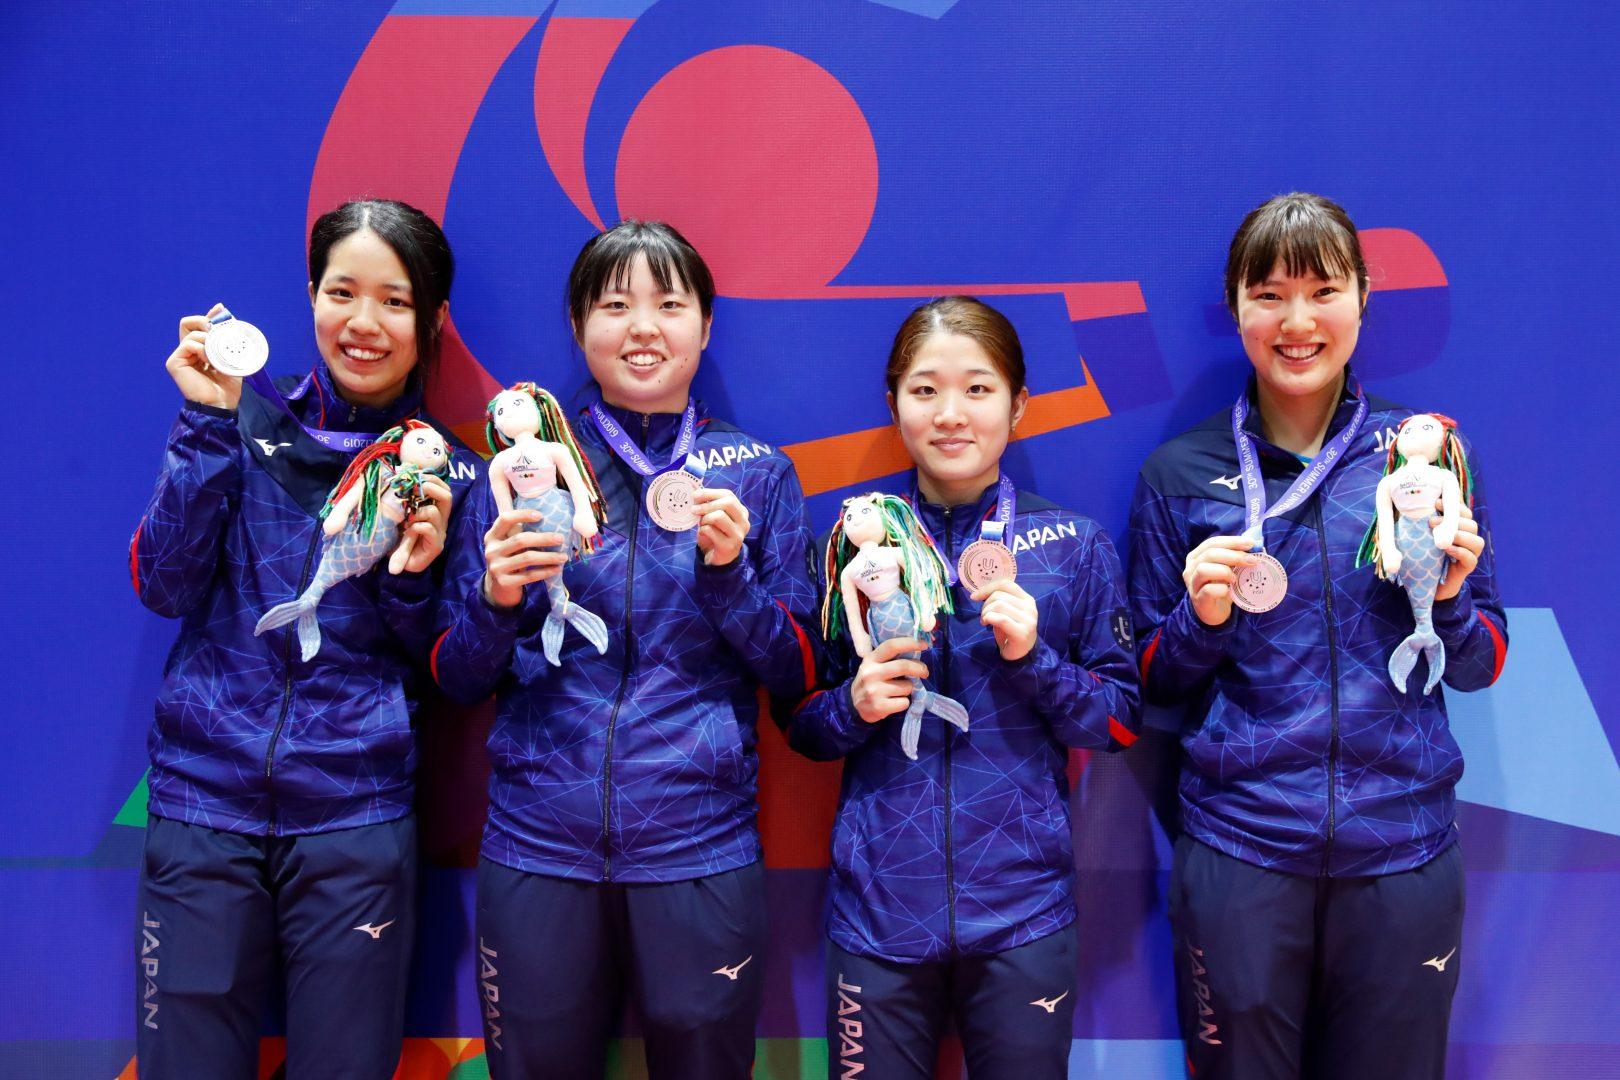 安藤、笹尾らの女子団体準V 男女合計5個のメダルを獲得<卓球・ユニバーシアード>